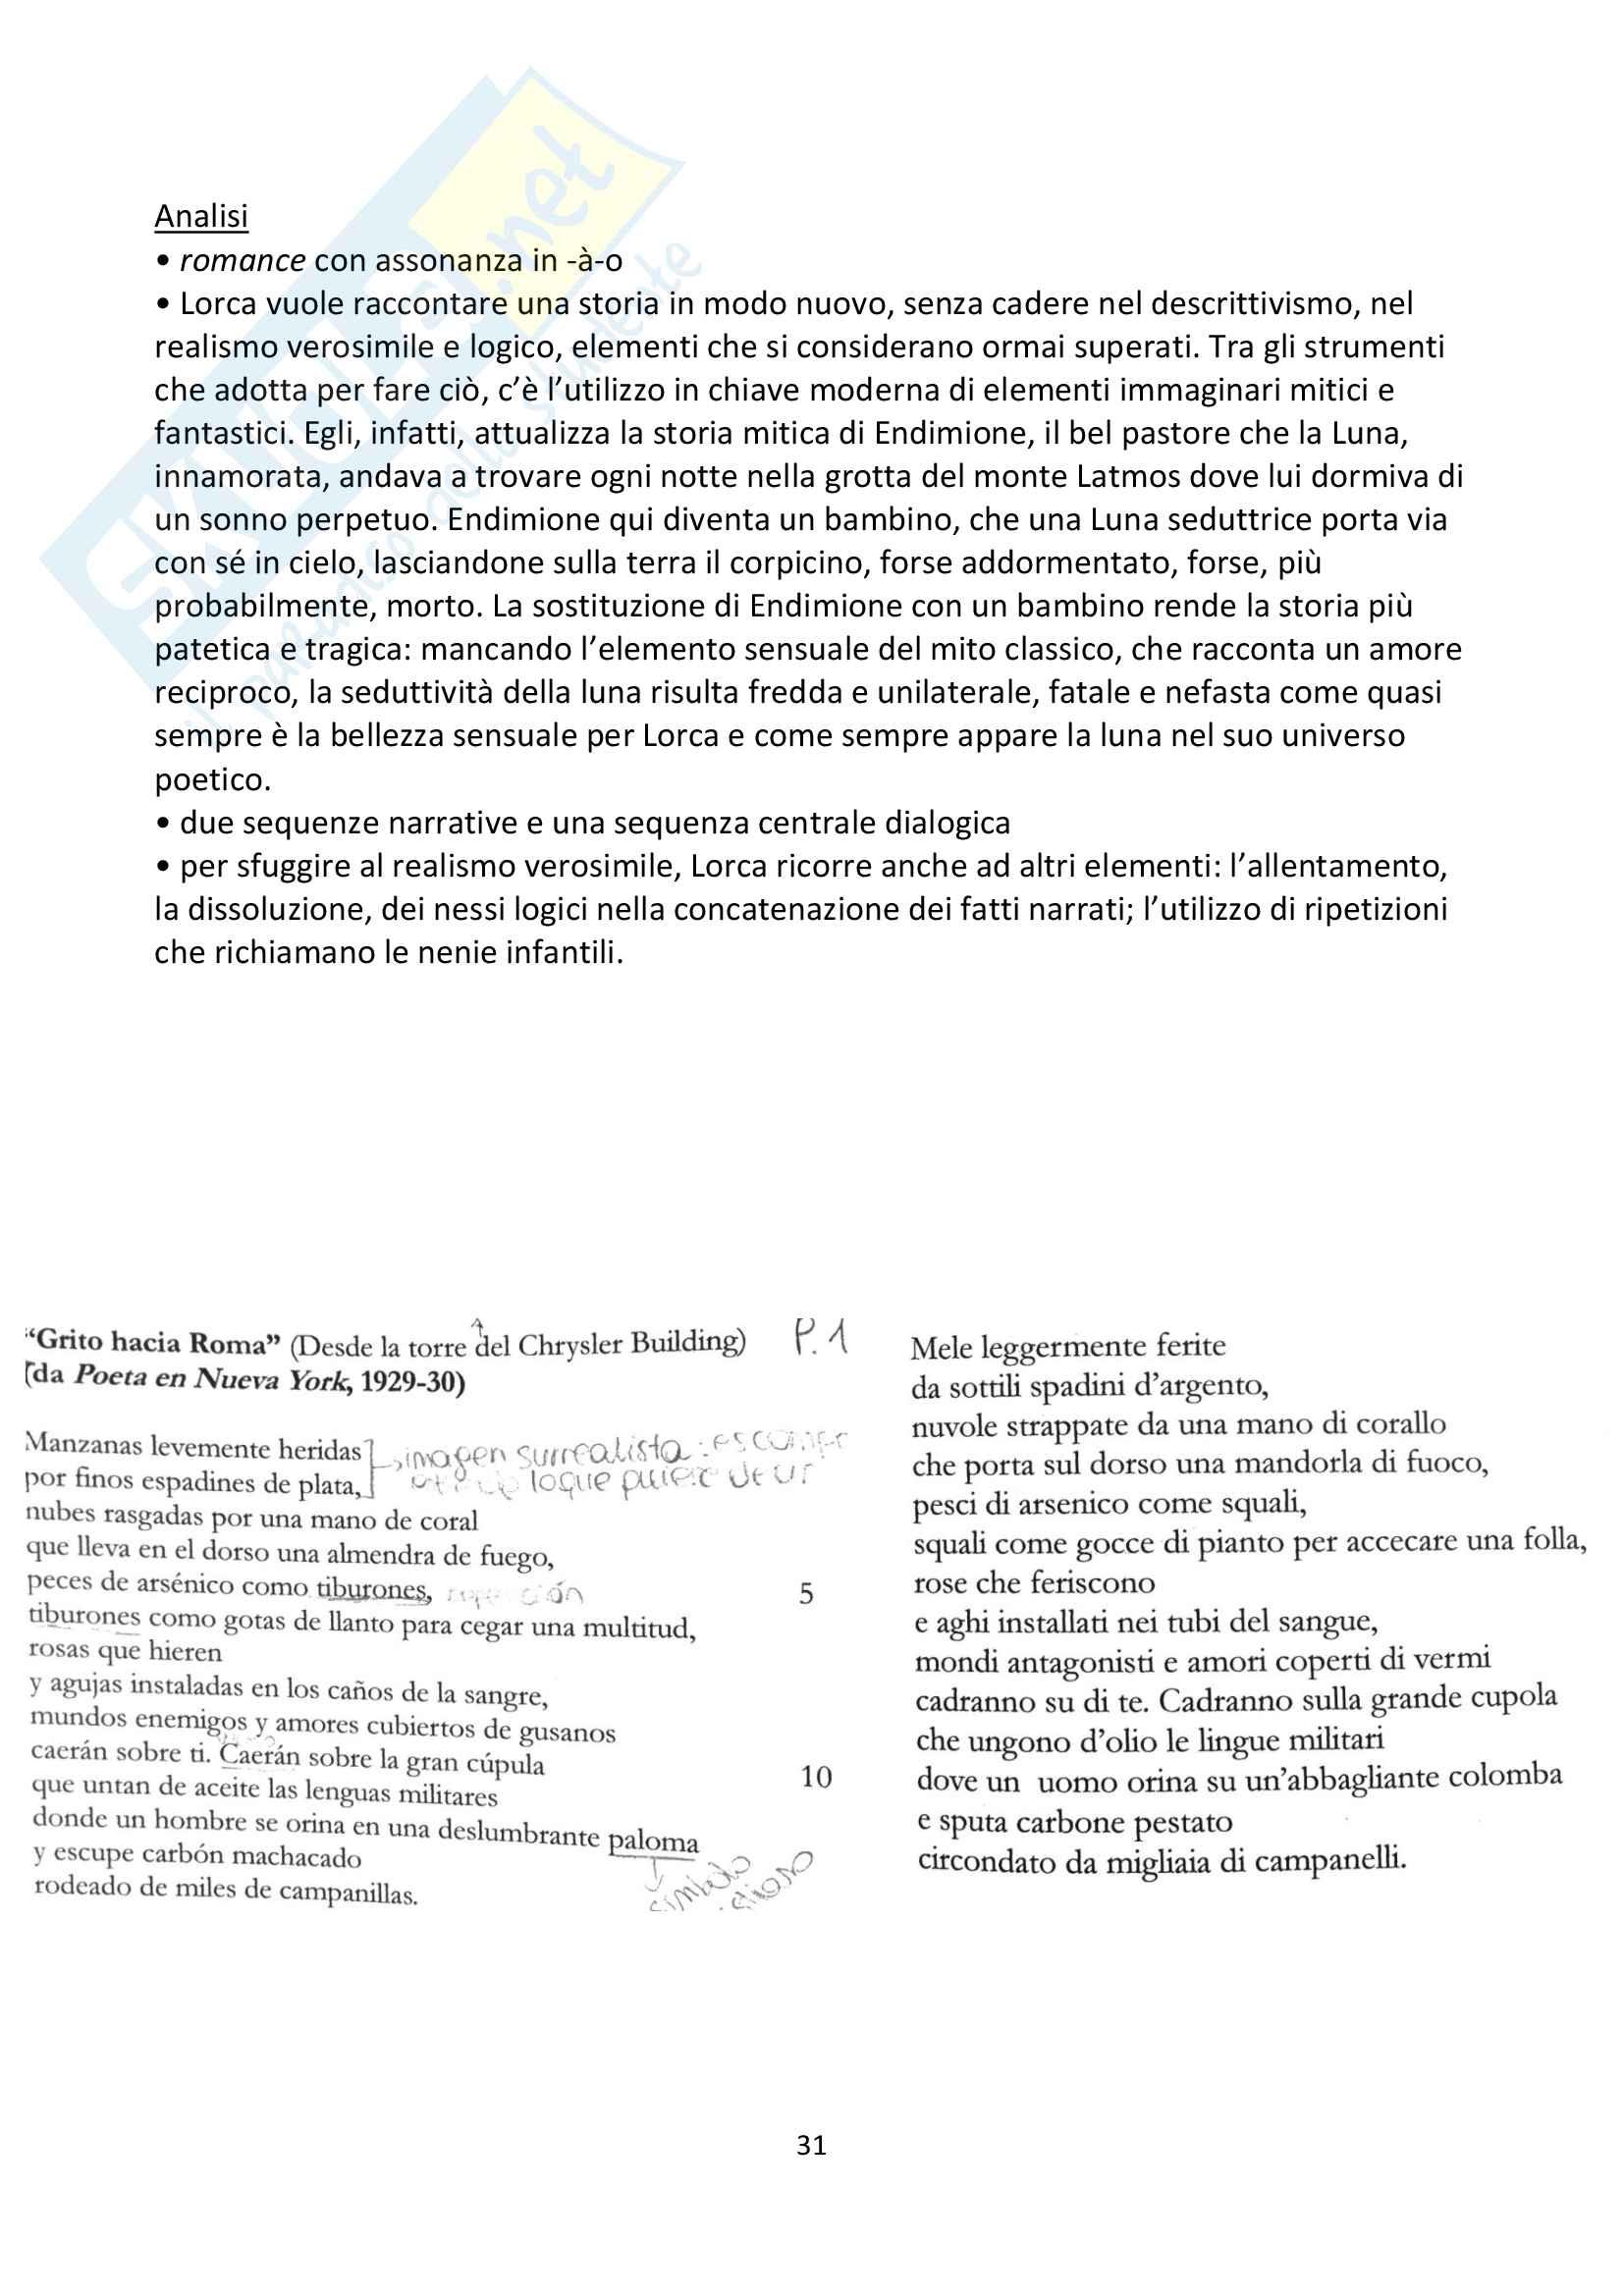 Riassunto esame Letteratura Spagnola Pag. 31